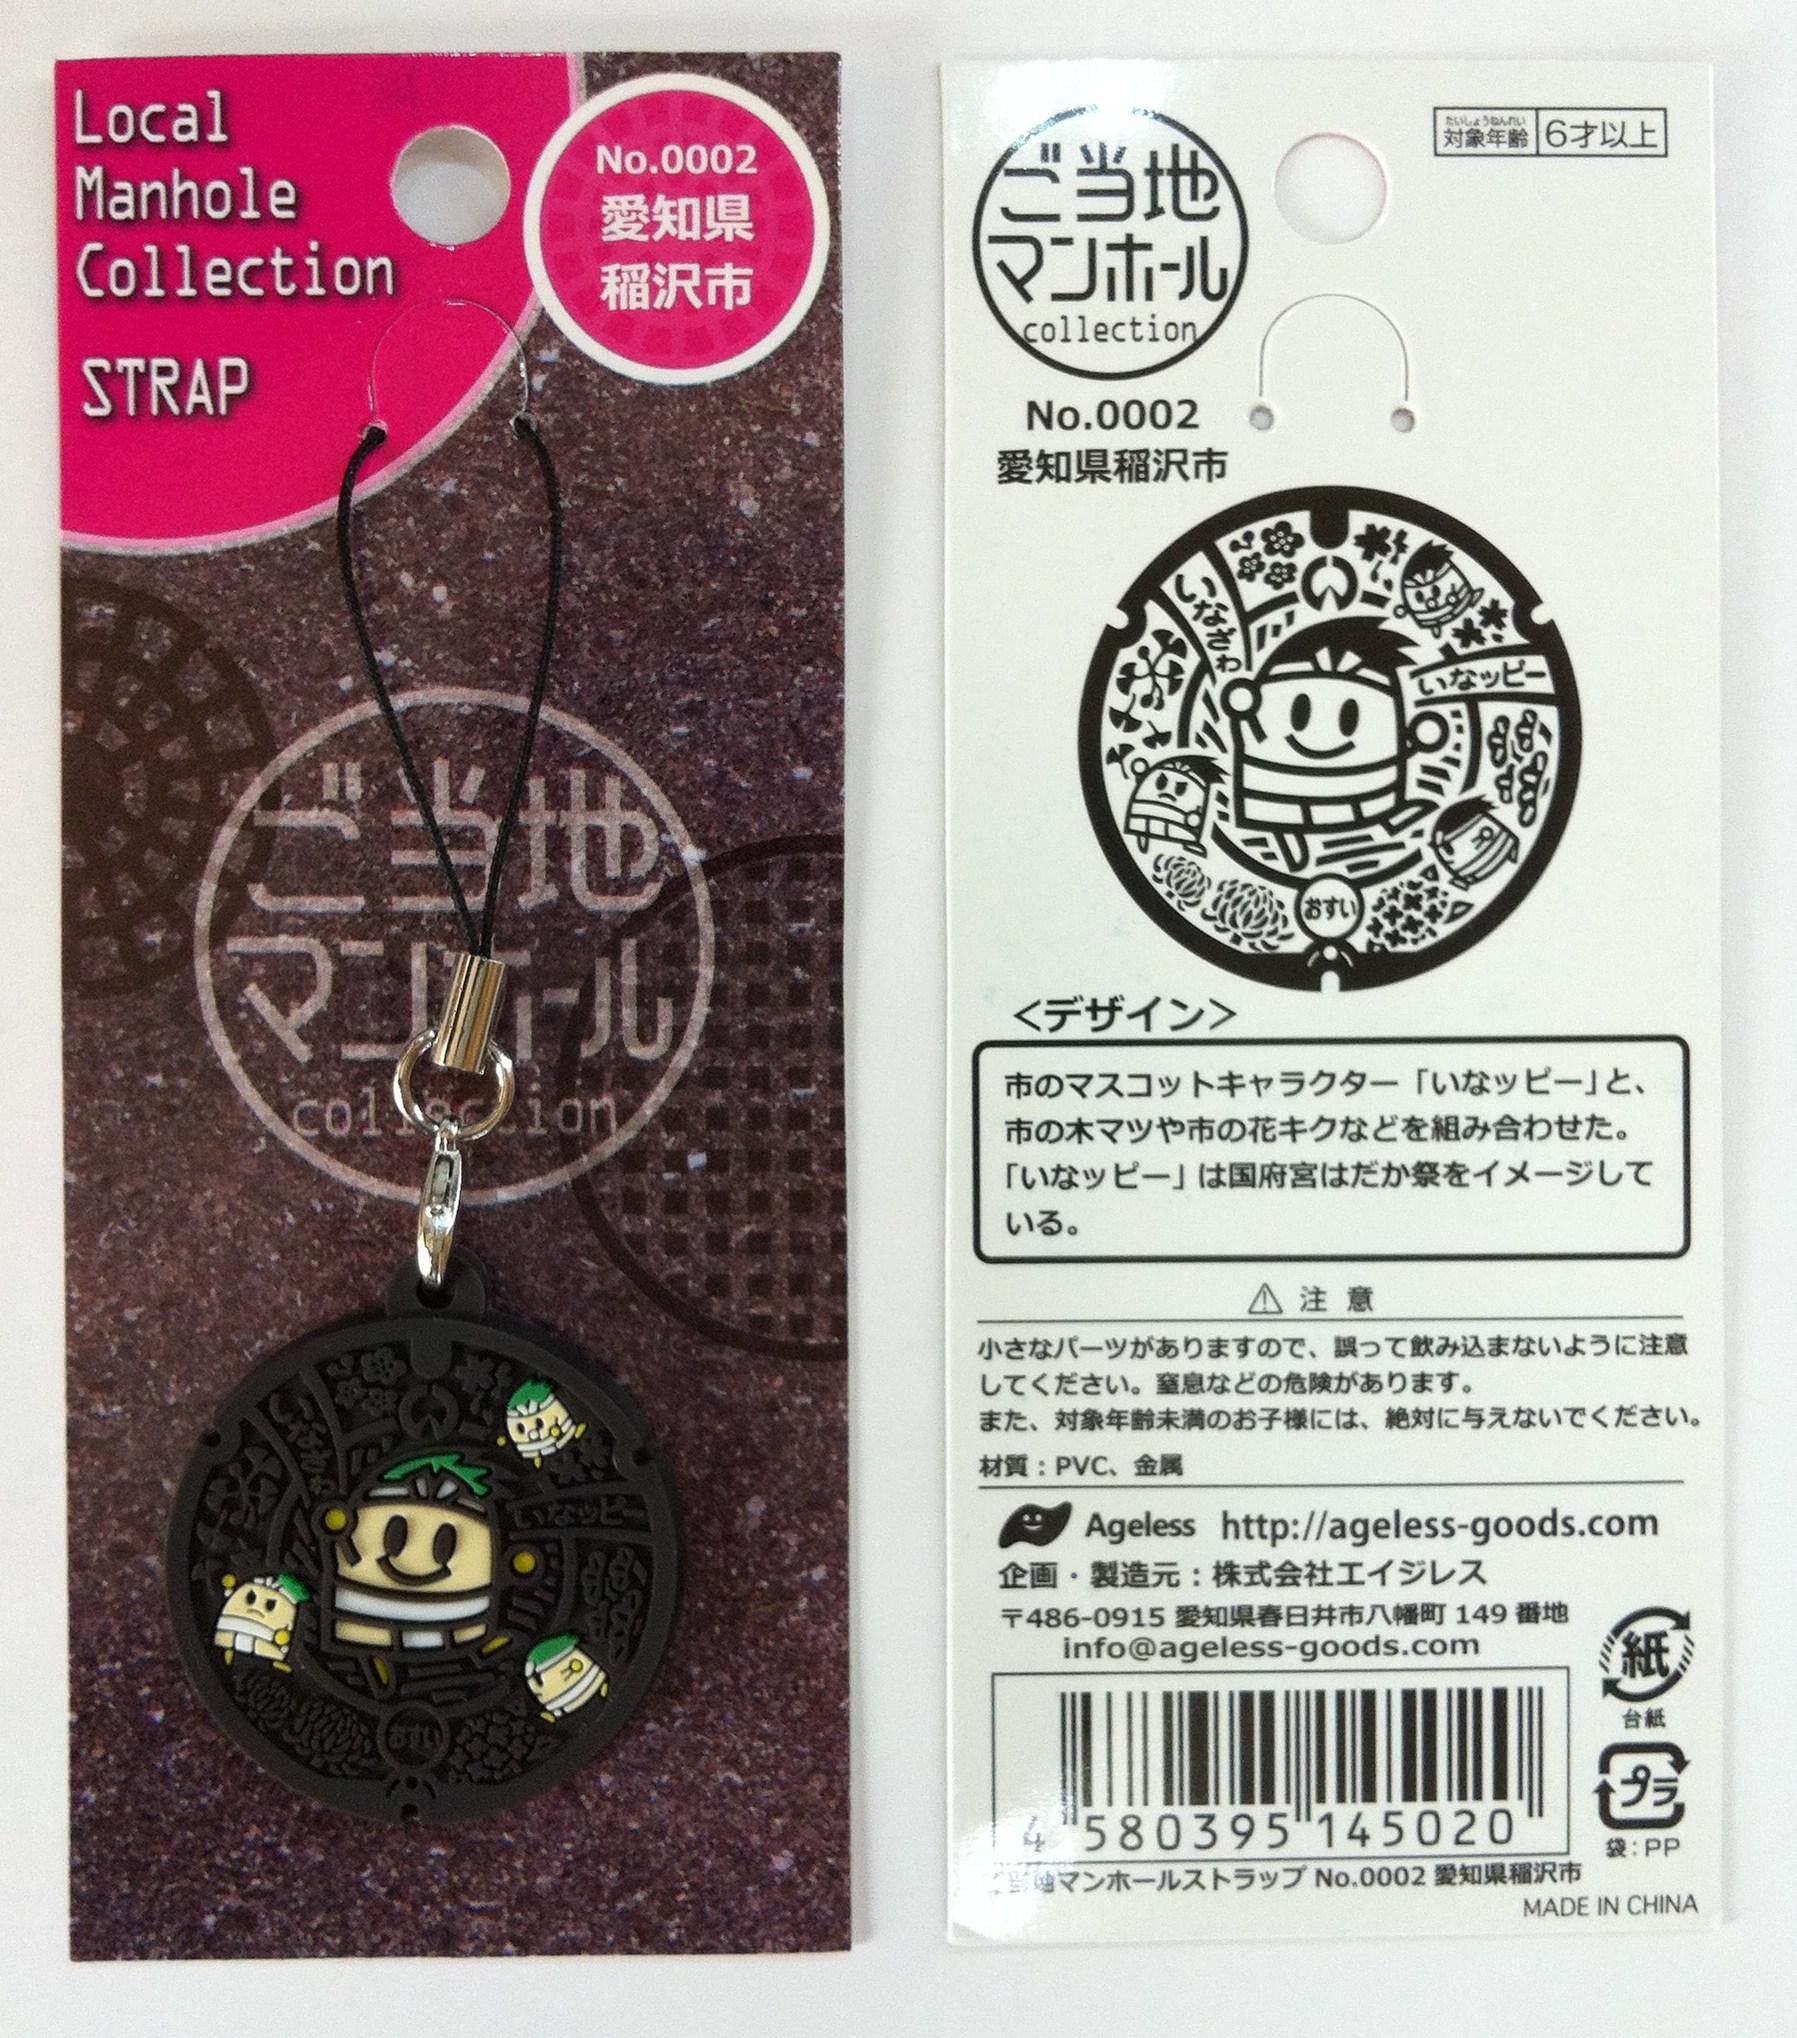 ご当地マンホールストラップ No.0002愛知県稲沢市【メール便可能】